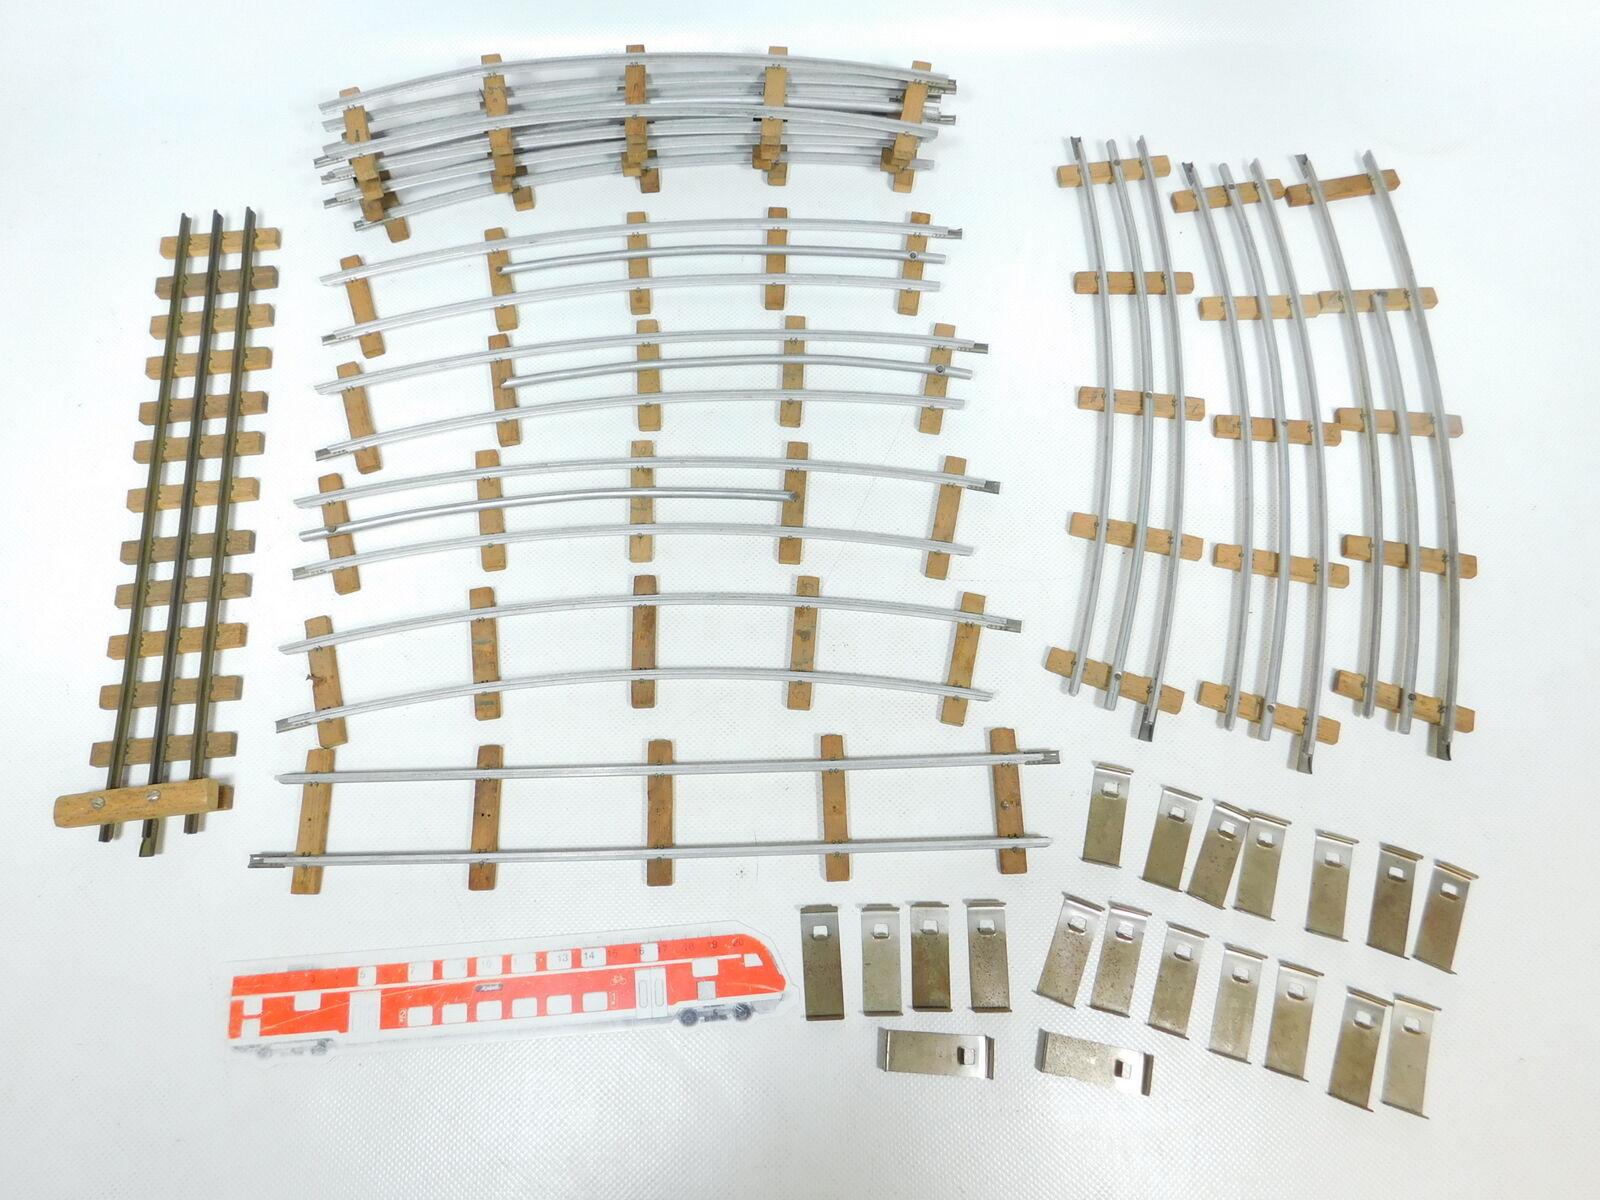 Bx463-2 x Buco Escala 0 Bastler-Gleis Piezas de vía con Umbral